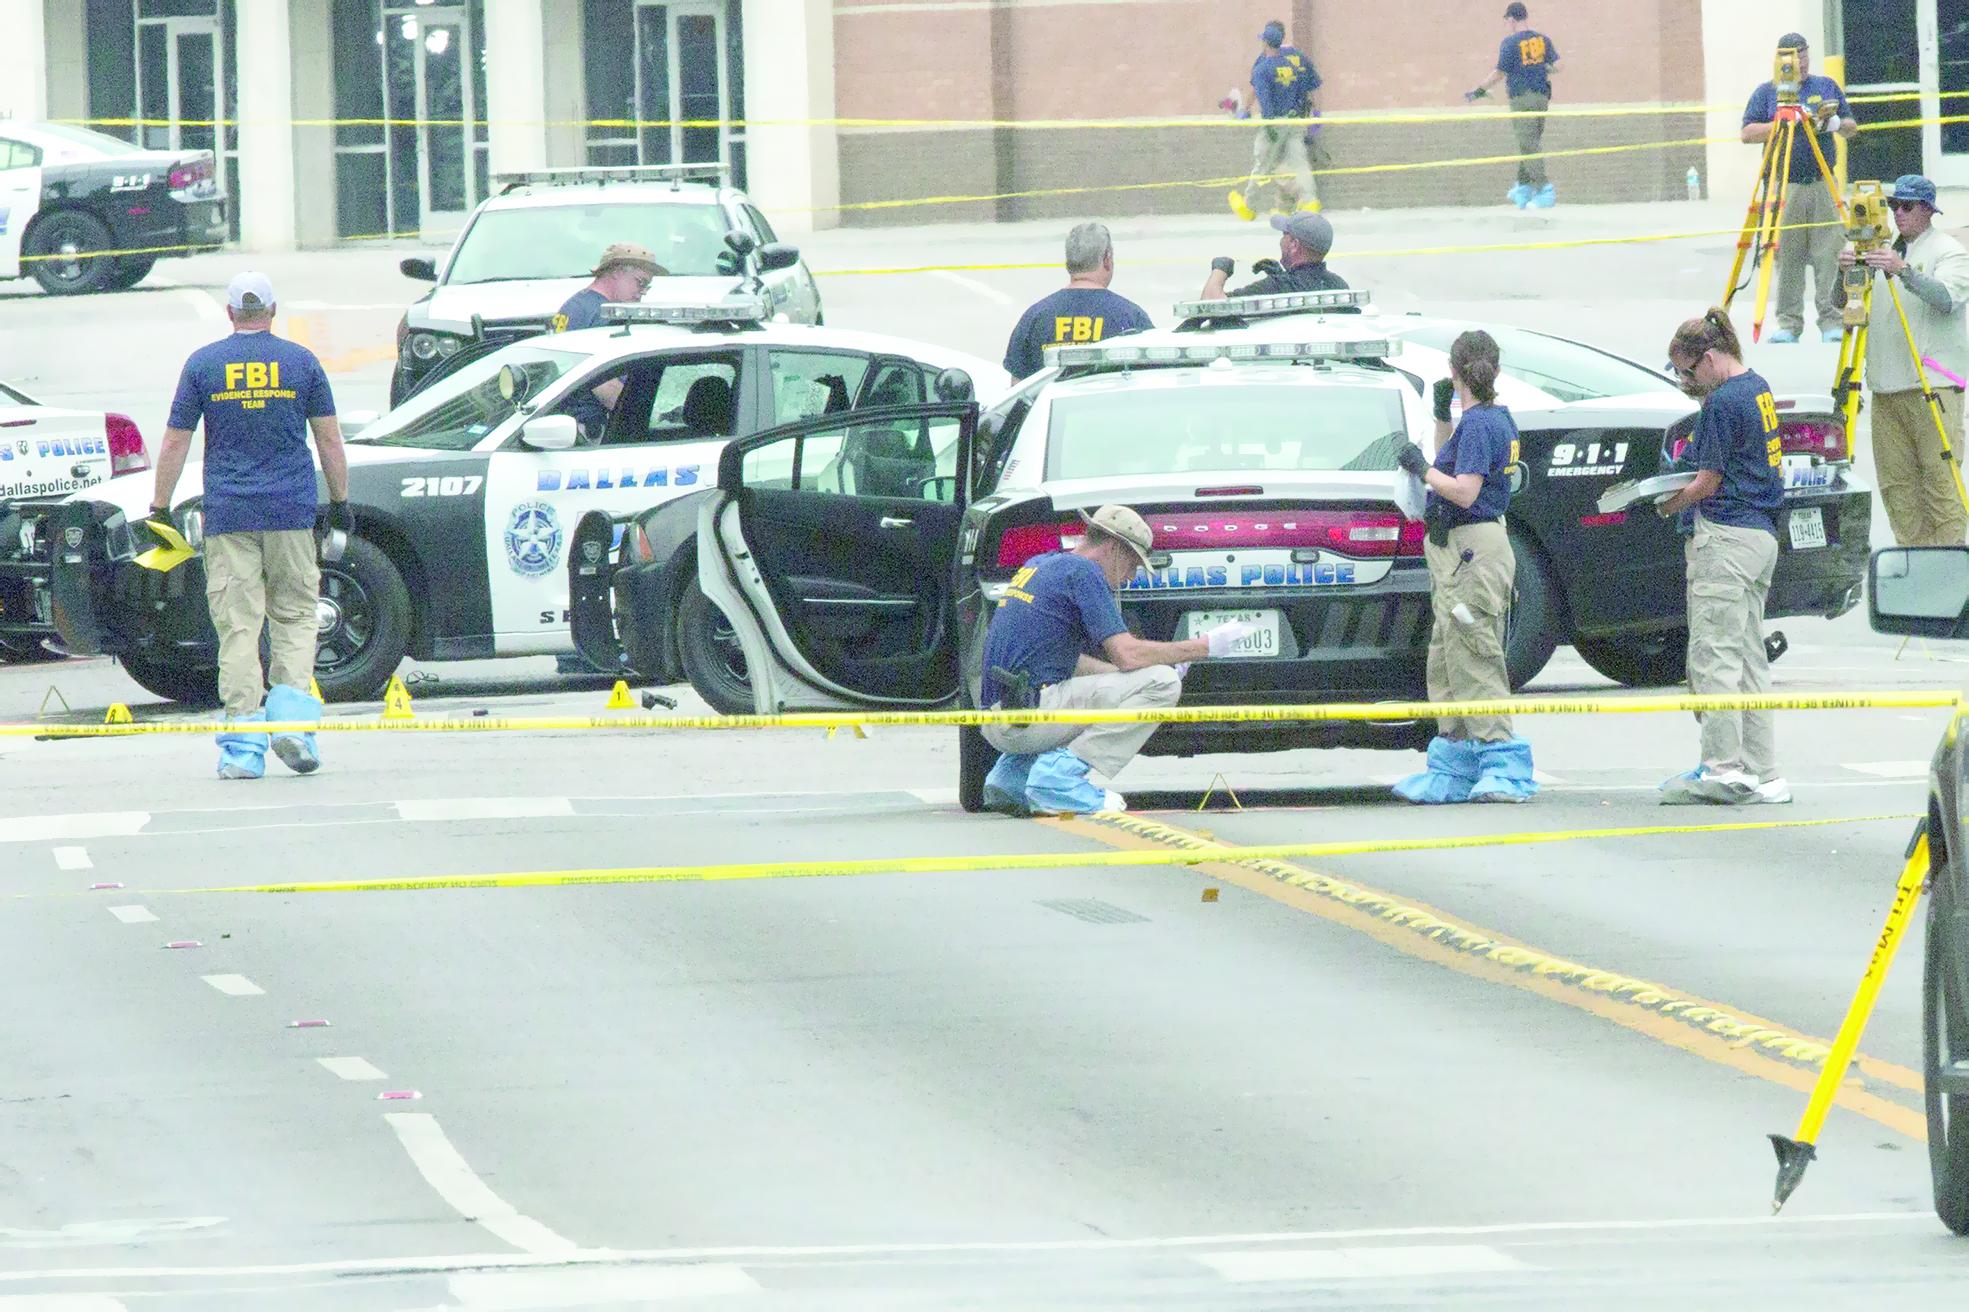 مهاجم دالاس حيَّرَ الشرطة